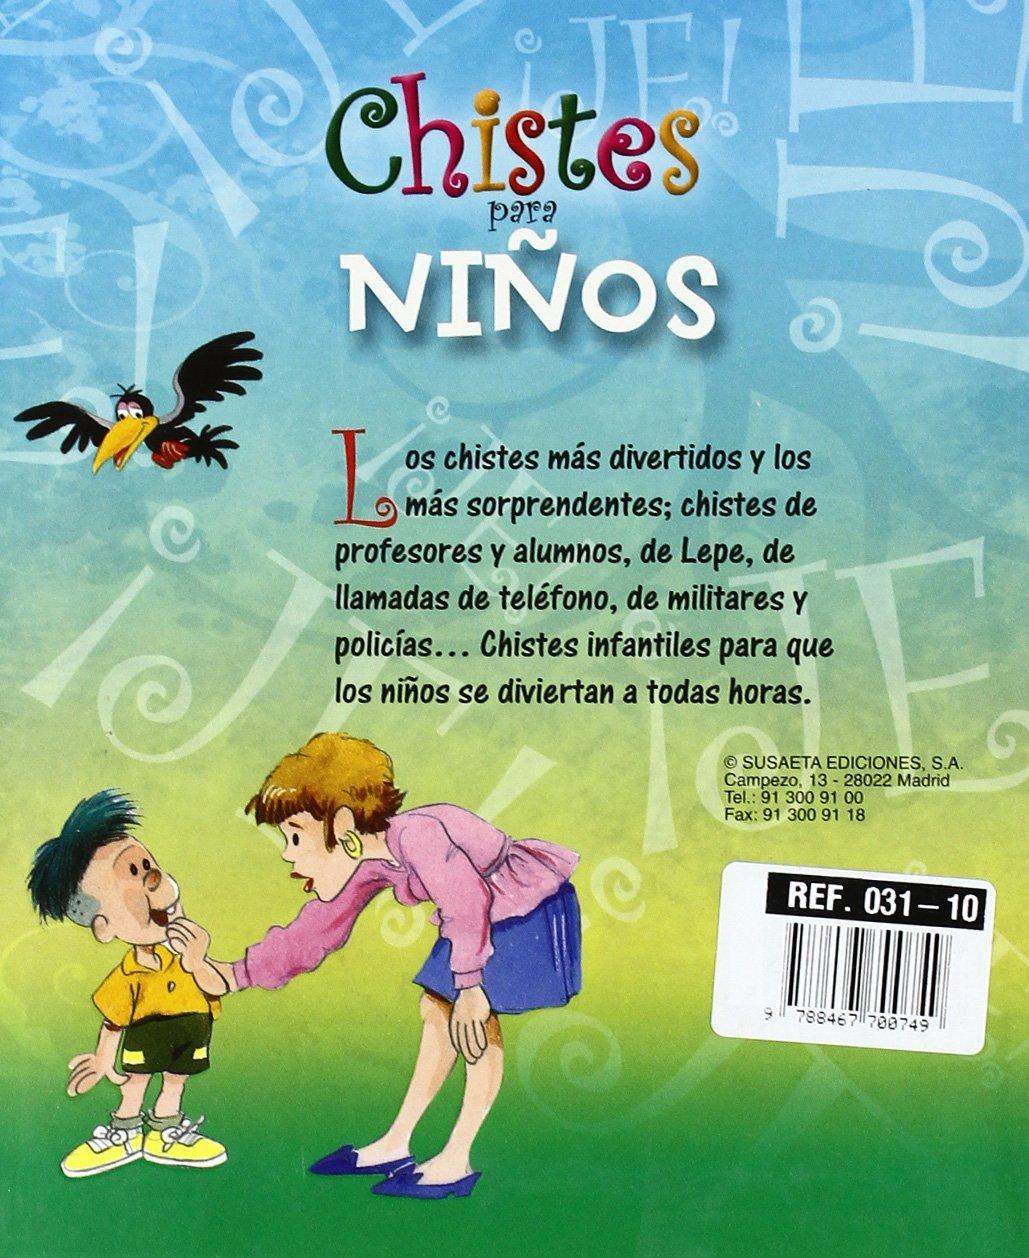 Chistes para niños (El Duende de Los Cuentos): Amazon.es: Equipo ...